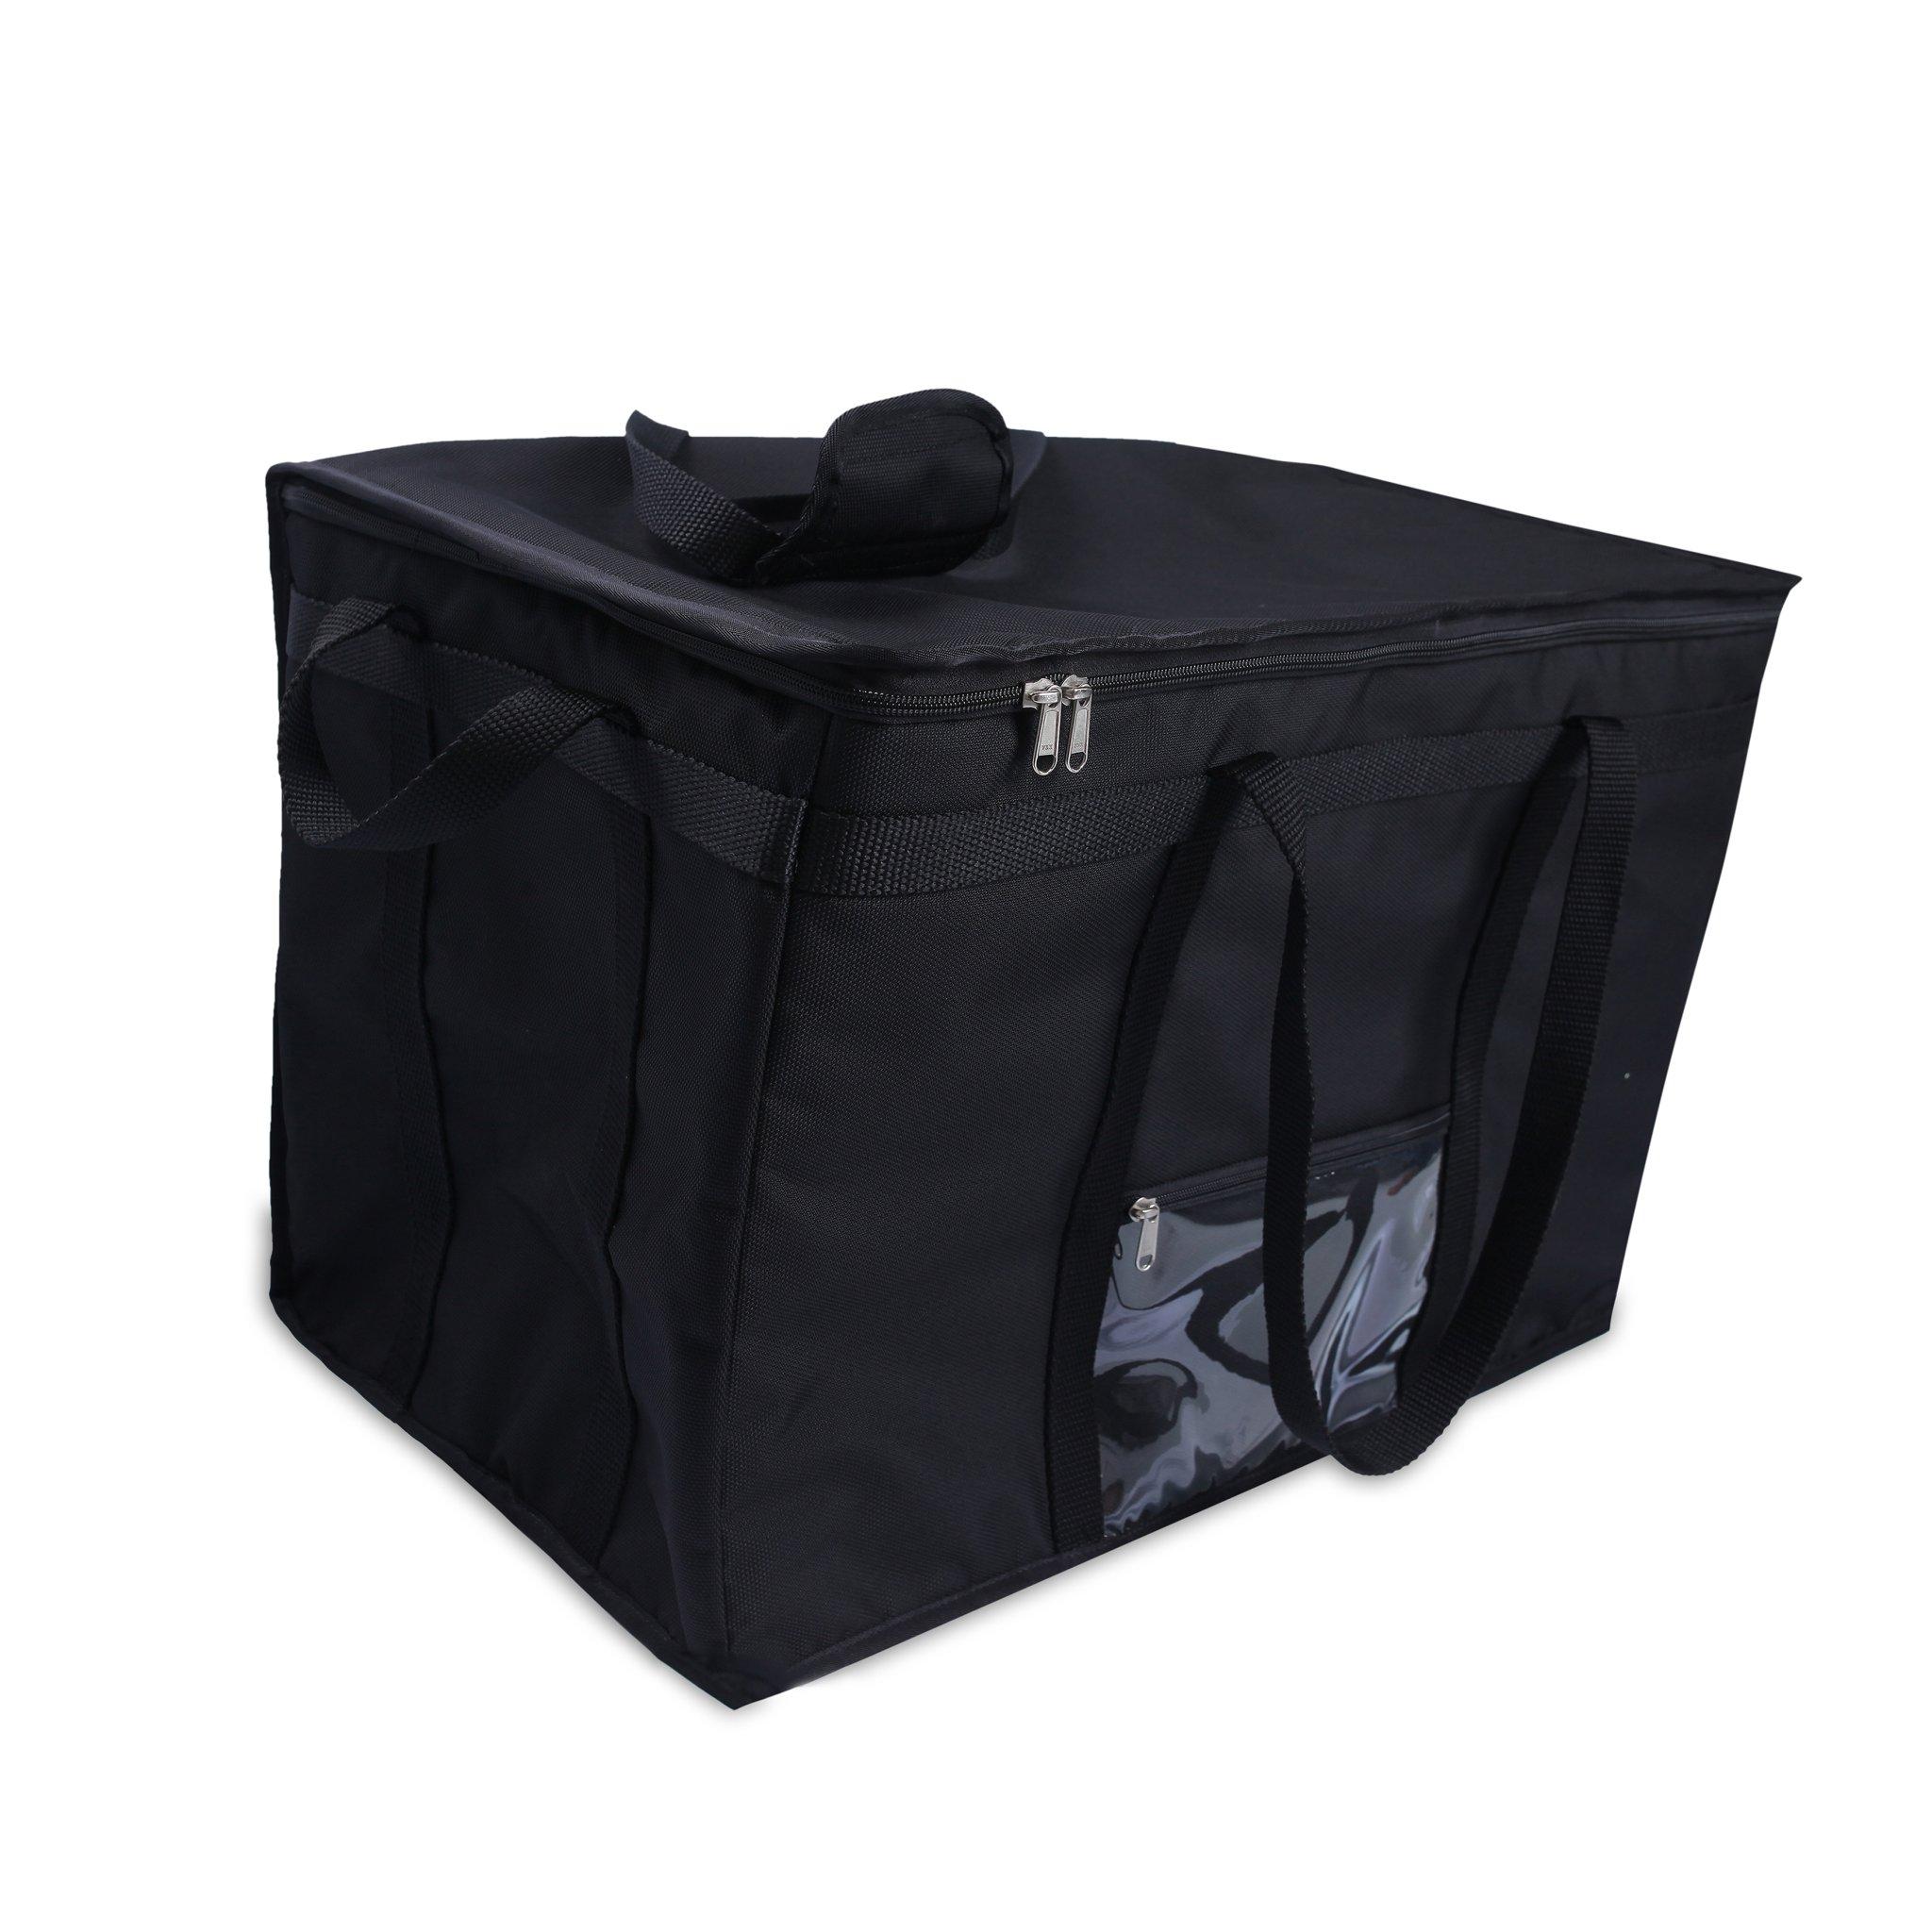 Những ưu điểm của túi giao hàng